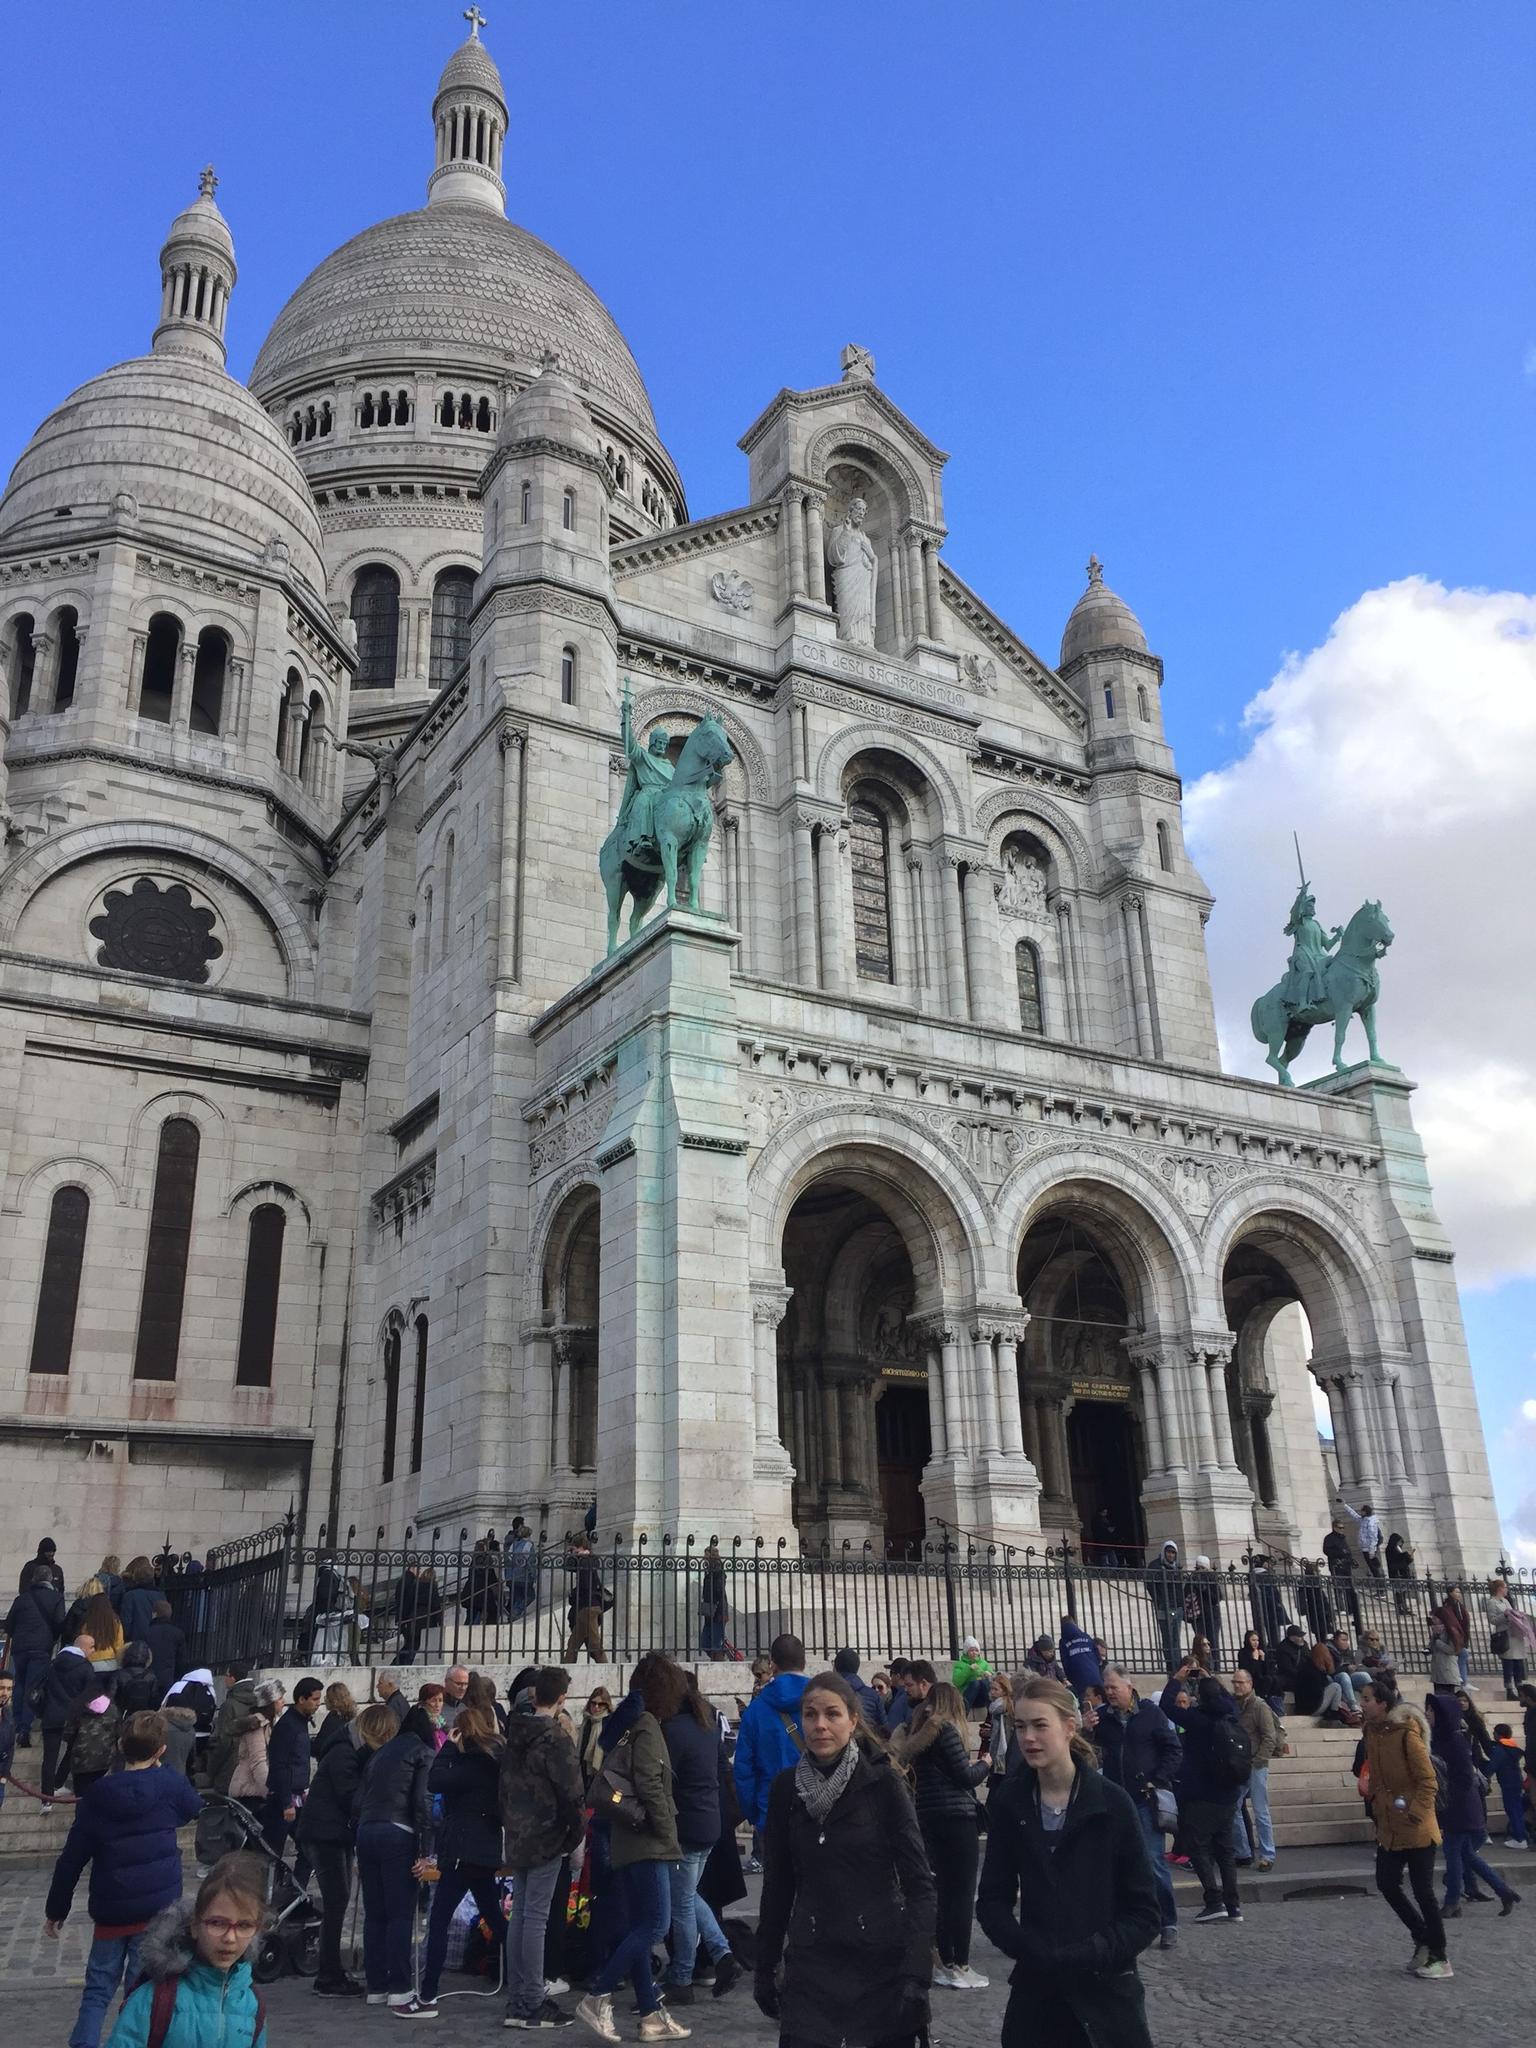 MÁS FOTOS, Recorrido a pie por Montmartre, el Moulin Rouge y la Basílica del Sagrado Corazón